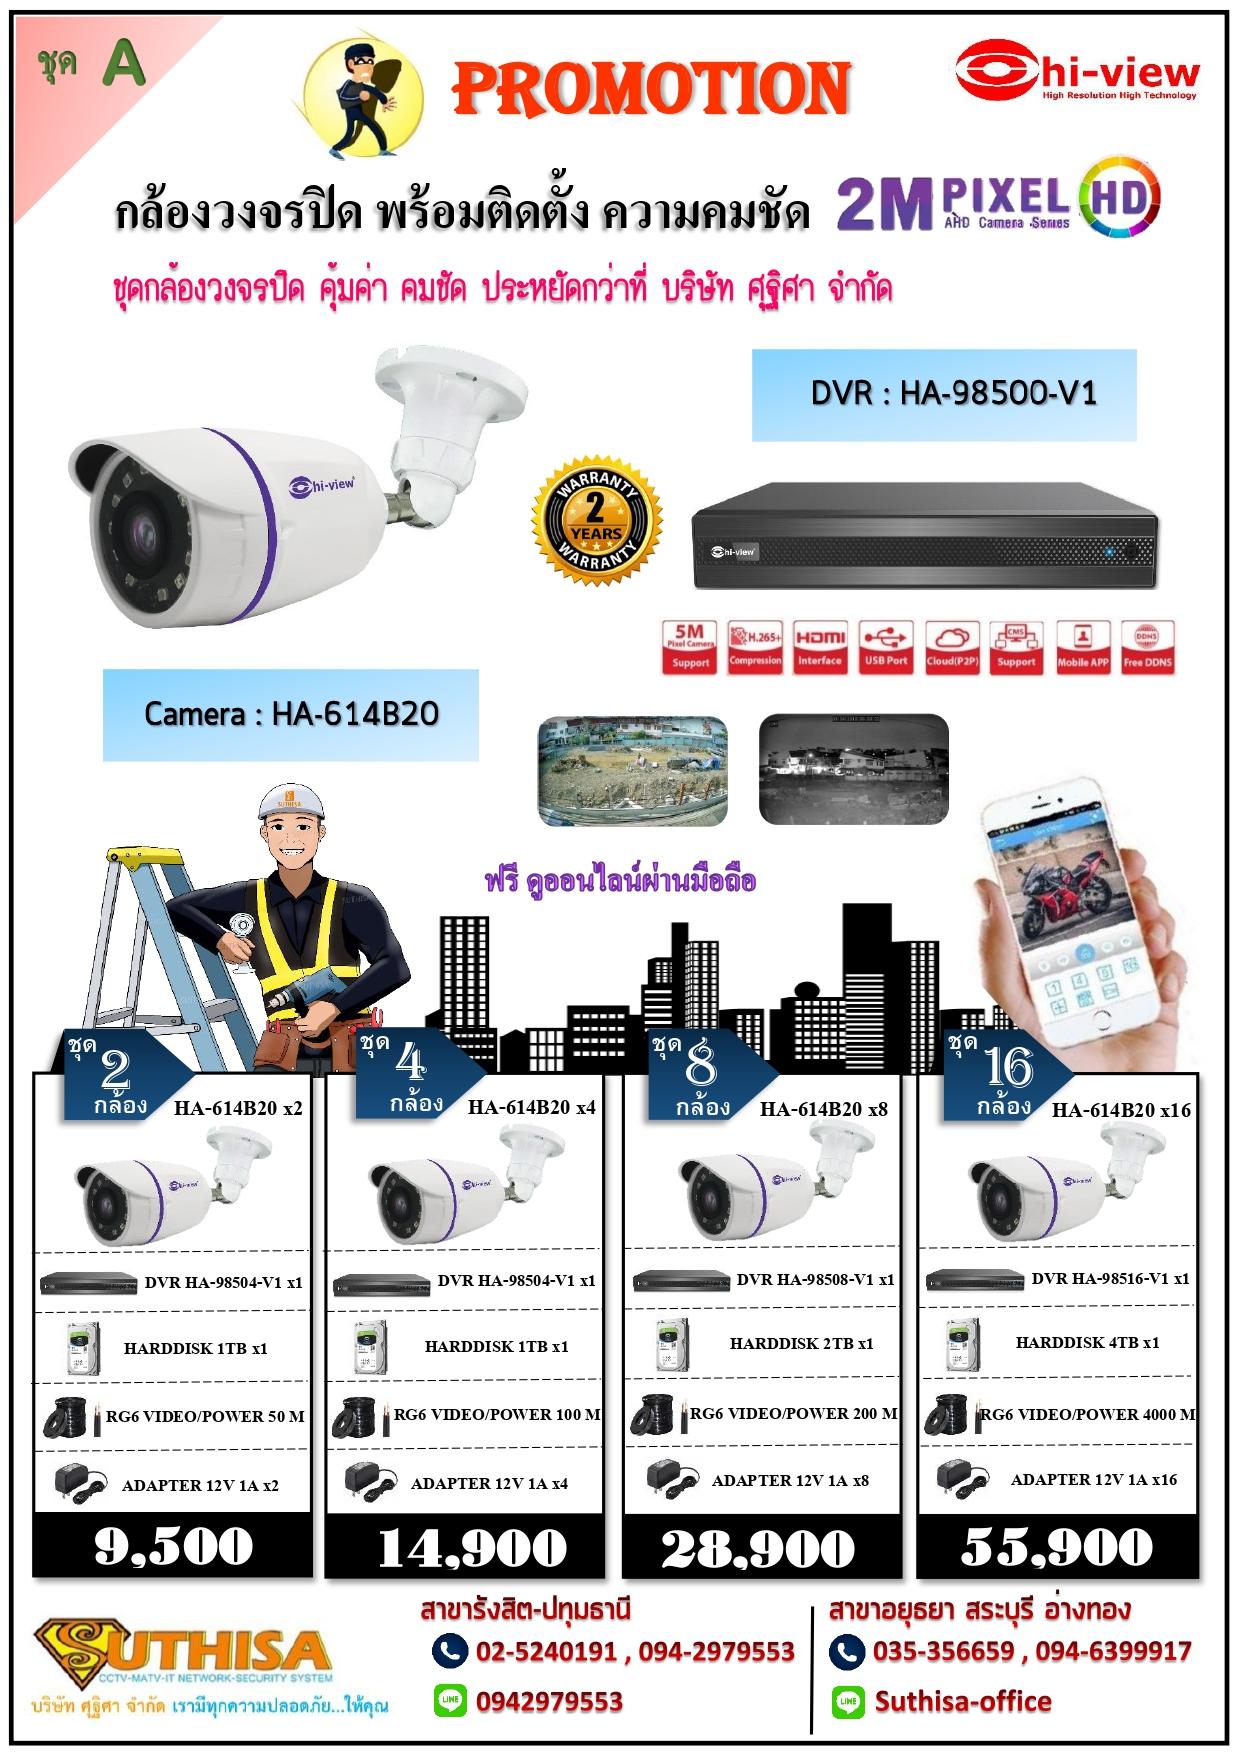 กล้องวงจรปิดไฮวิว AHD Camera 2.0 MP พร้อมติดตั้ง (ชุด A)